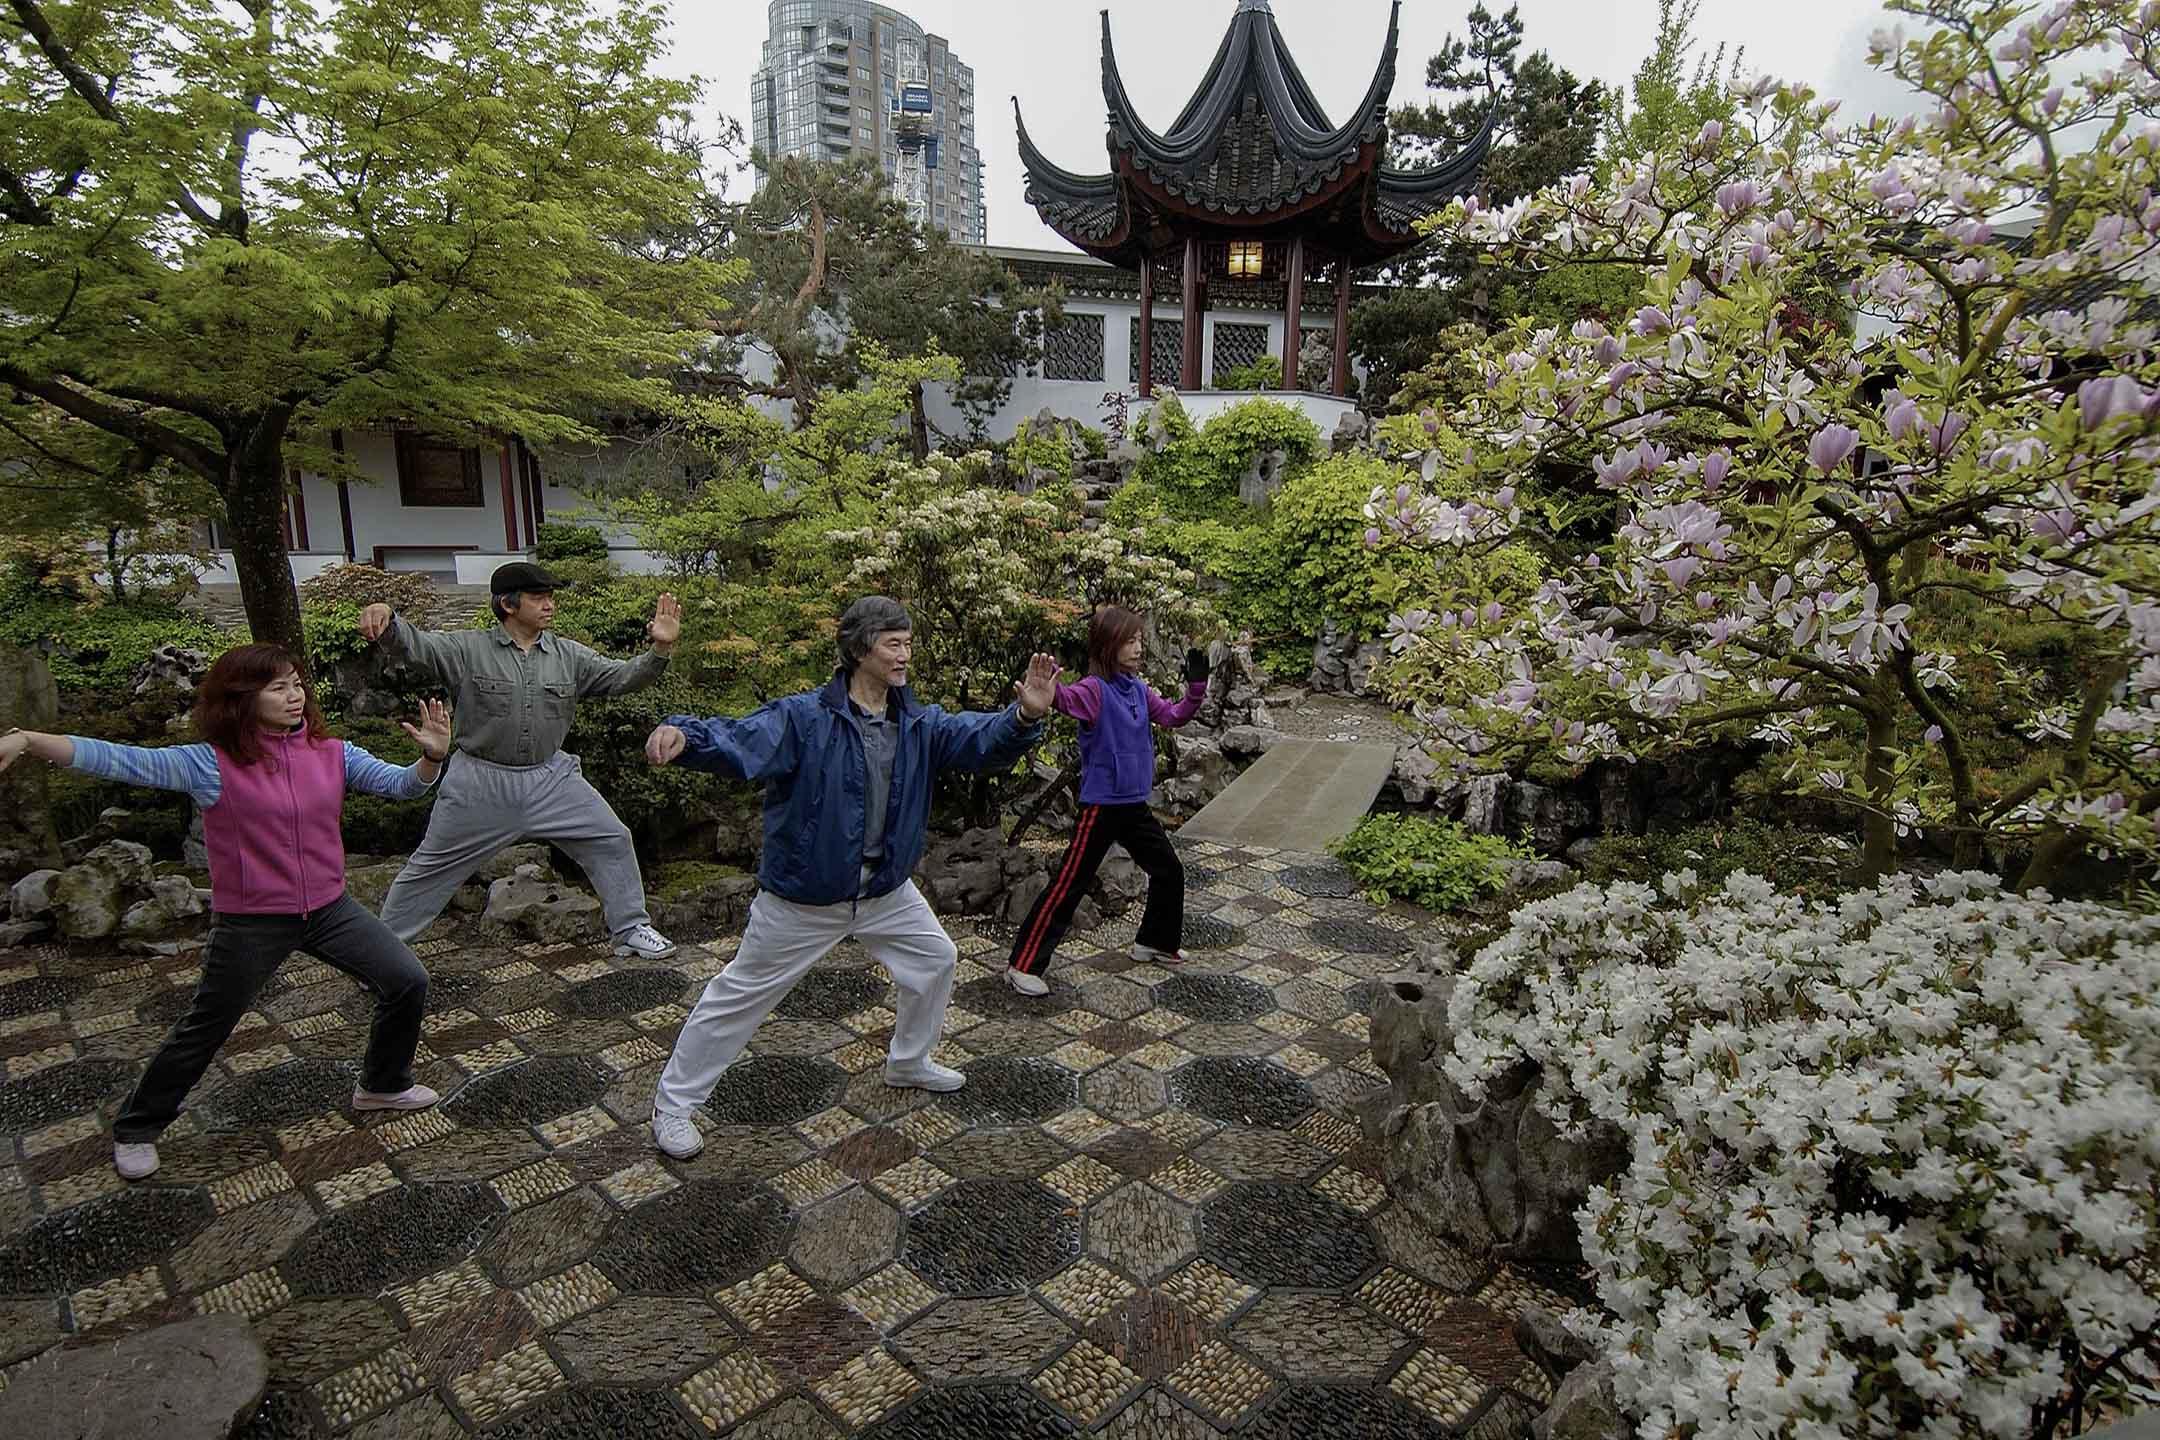 2004年4月20日加拿大溫哥華,一名老師和他的學生練習太極拳。